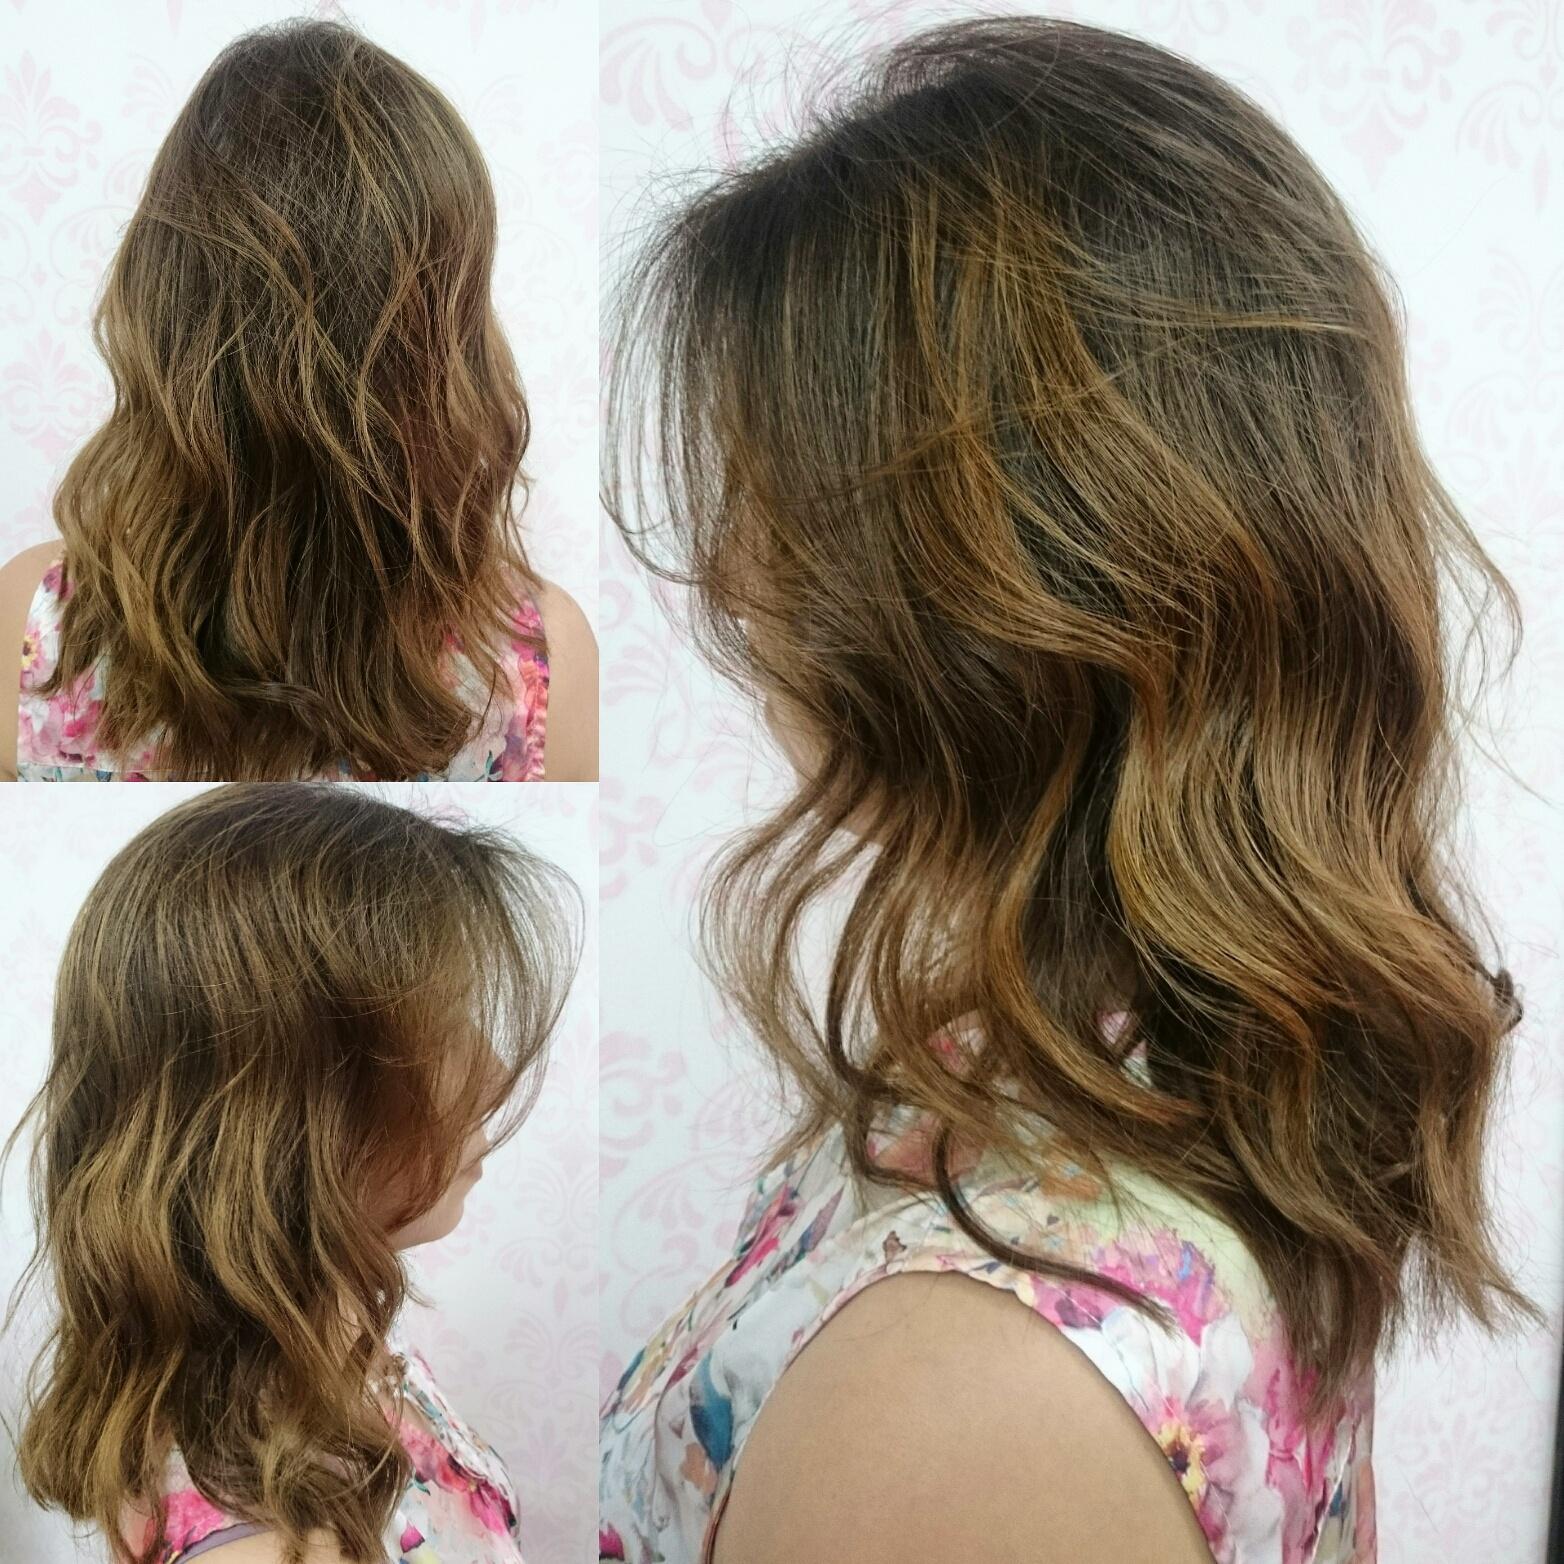 #job #transformation #transformacao #cabelos #cabelosloiros #morenailuminada #brunette #loirosacobreados #canelatostada #blonde  #hair cabelo cabeleireiro(a) stylist / visagista maquiador(a) designer de sobrancelhas